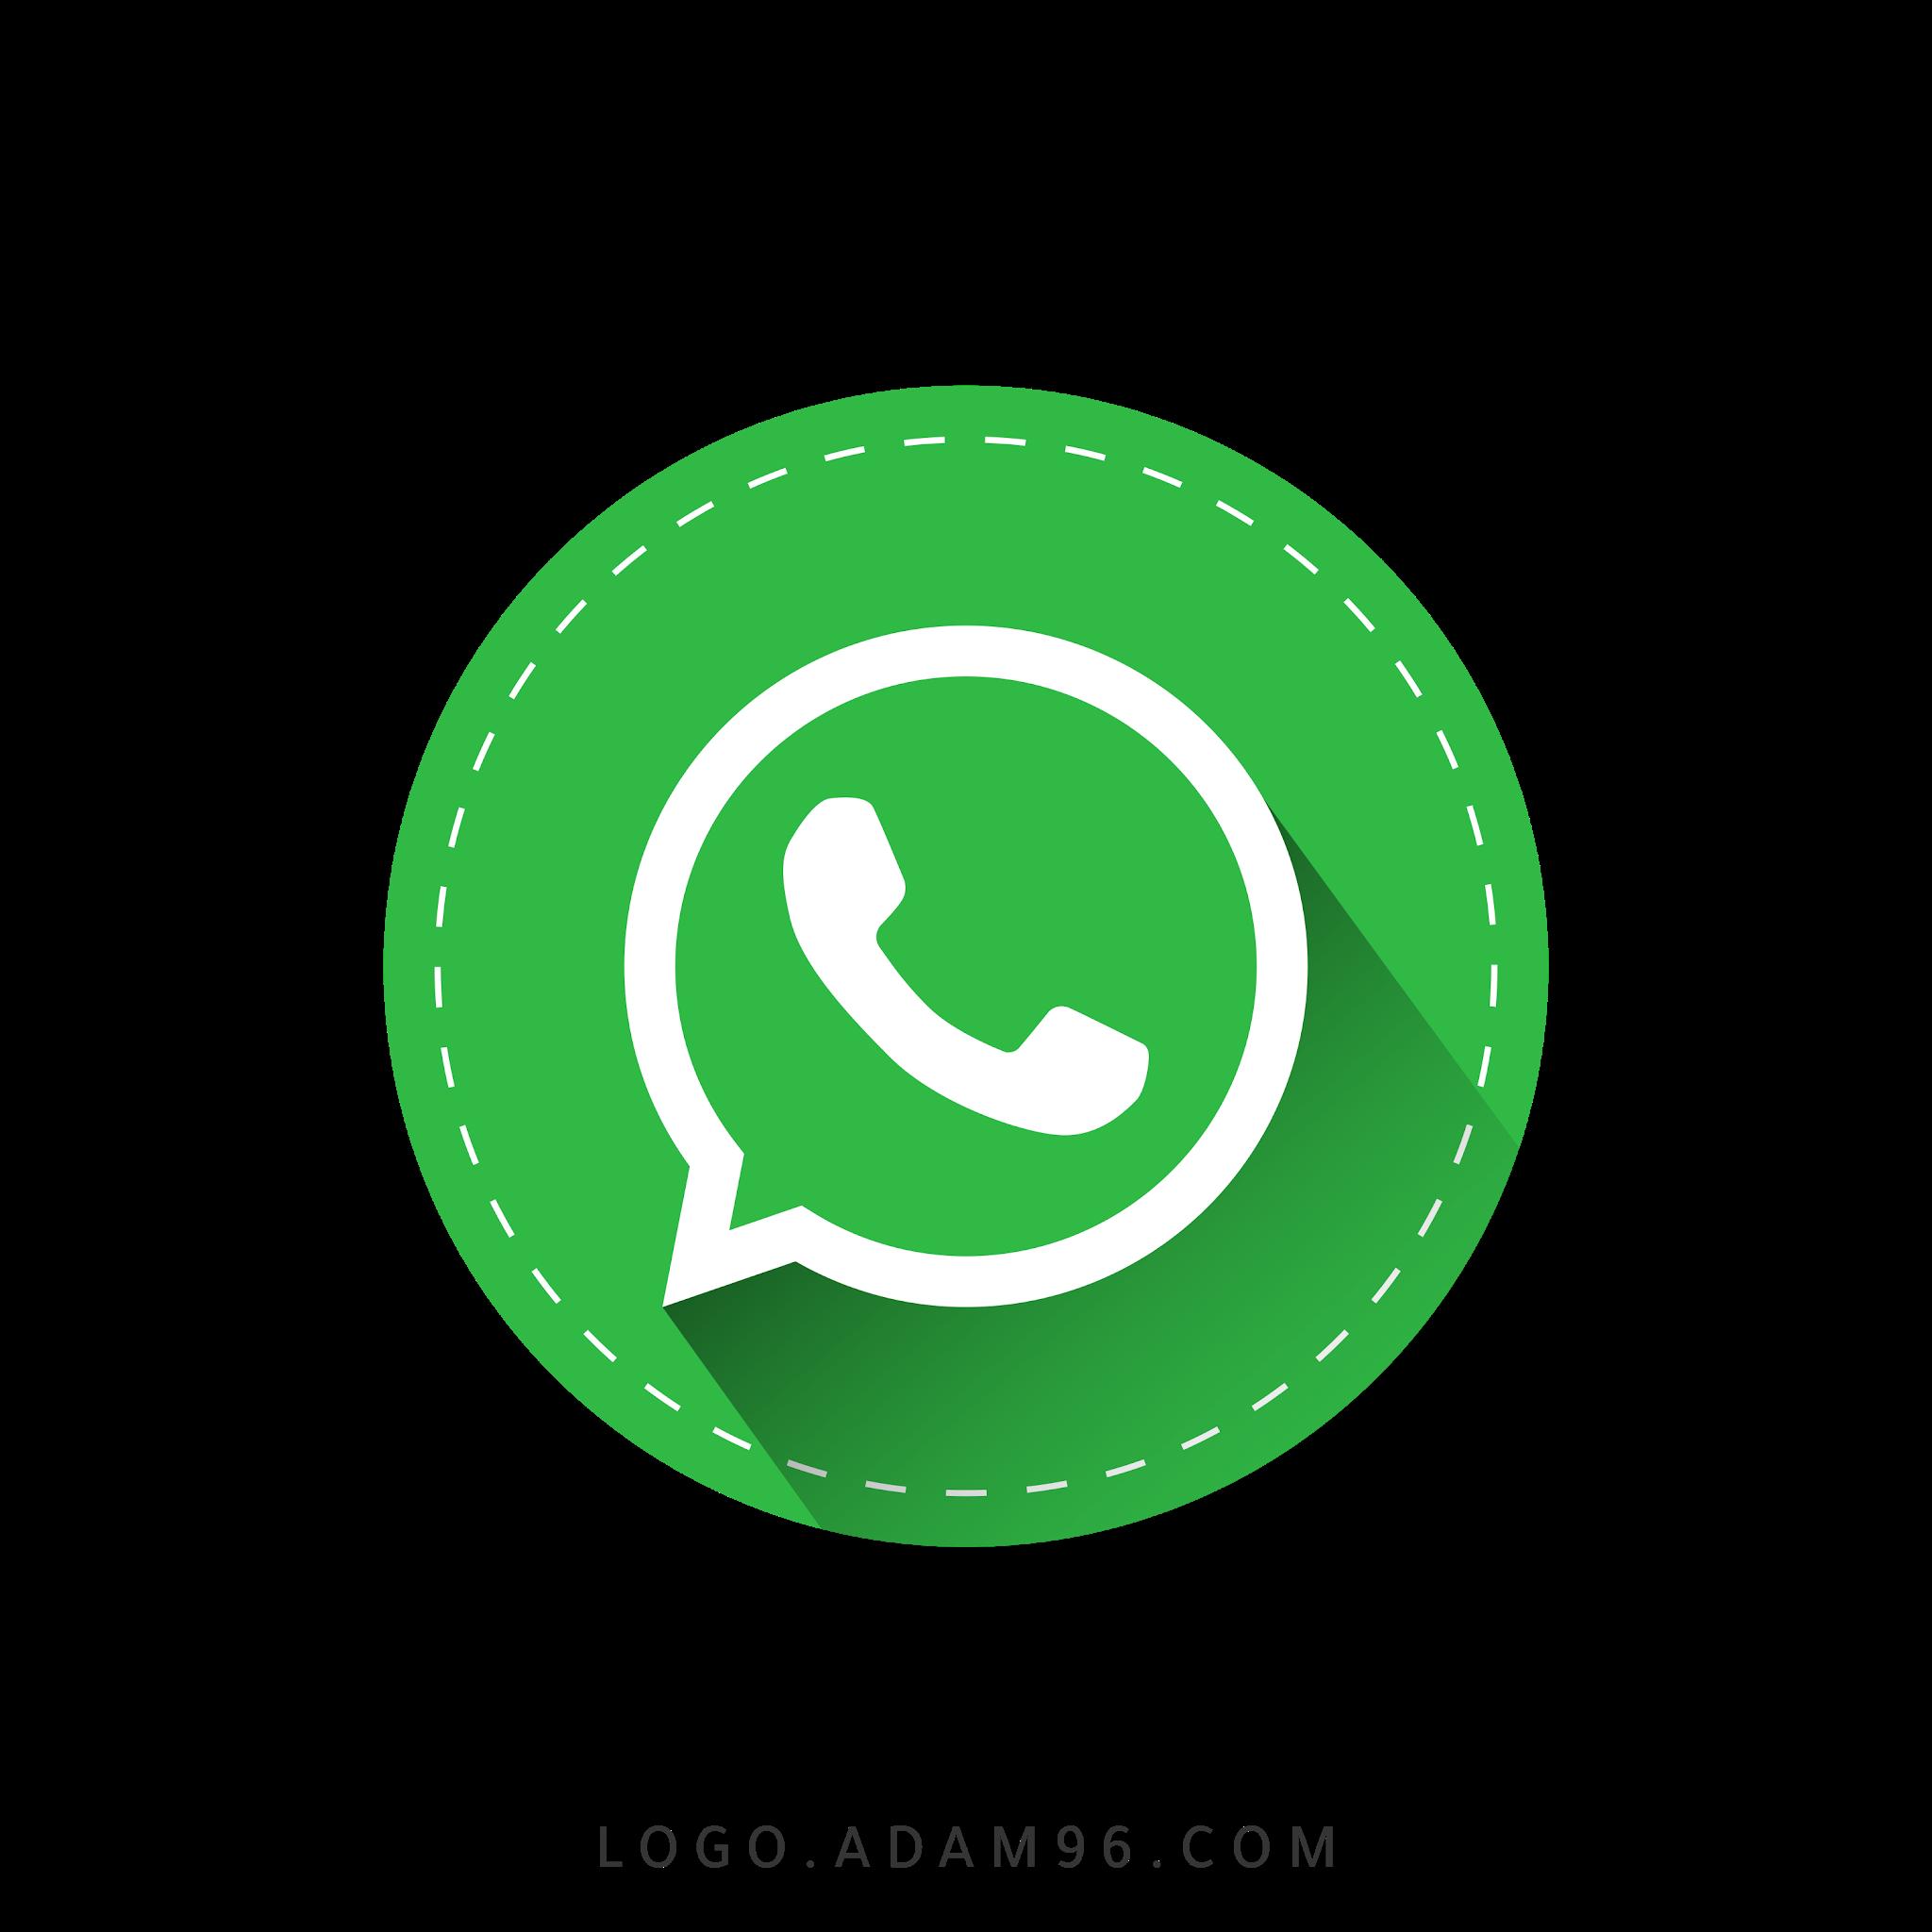 تحميل شعار واتساب احترافي لوجو مجانا عالي الدقة بصيغة شفافة Logo Whatsapp PNG